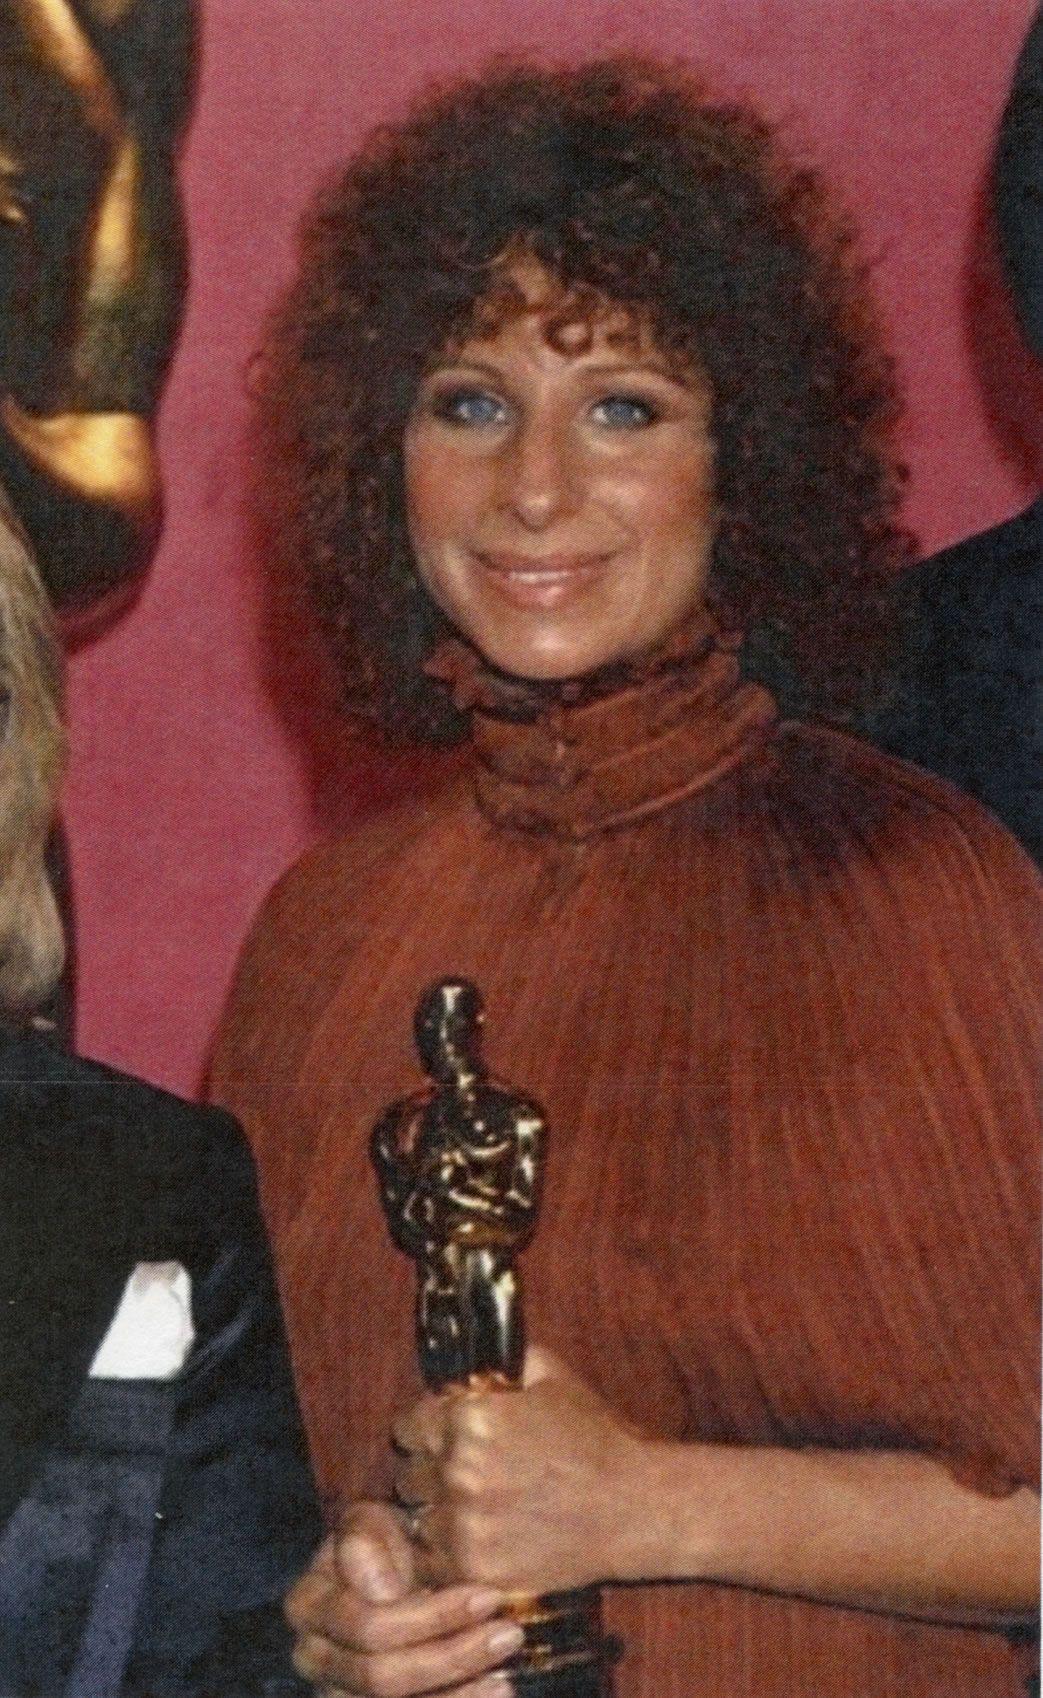 Barbra Streisand With Images Barbra Streisand Barbra